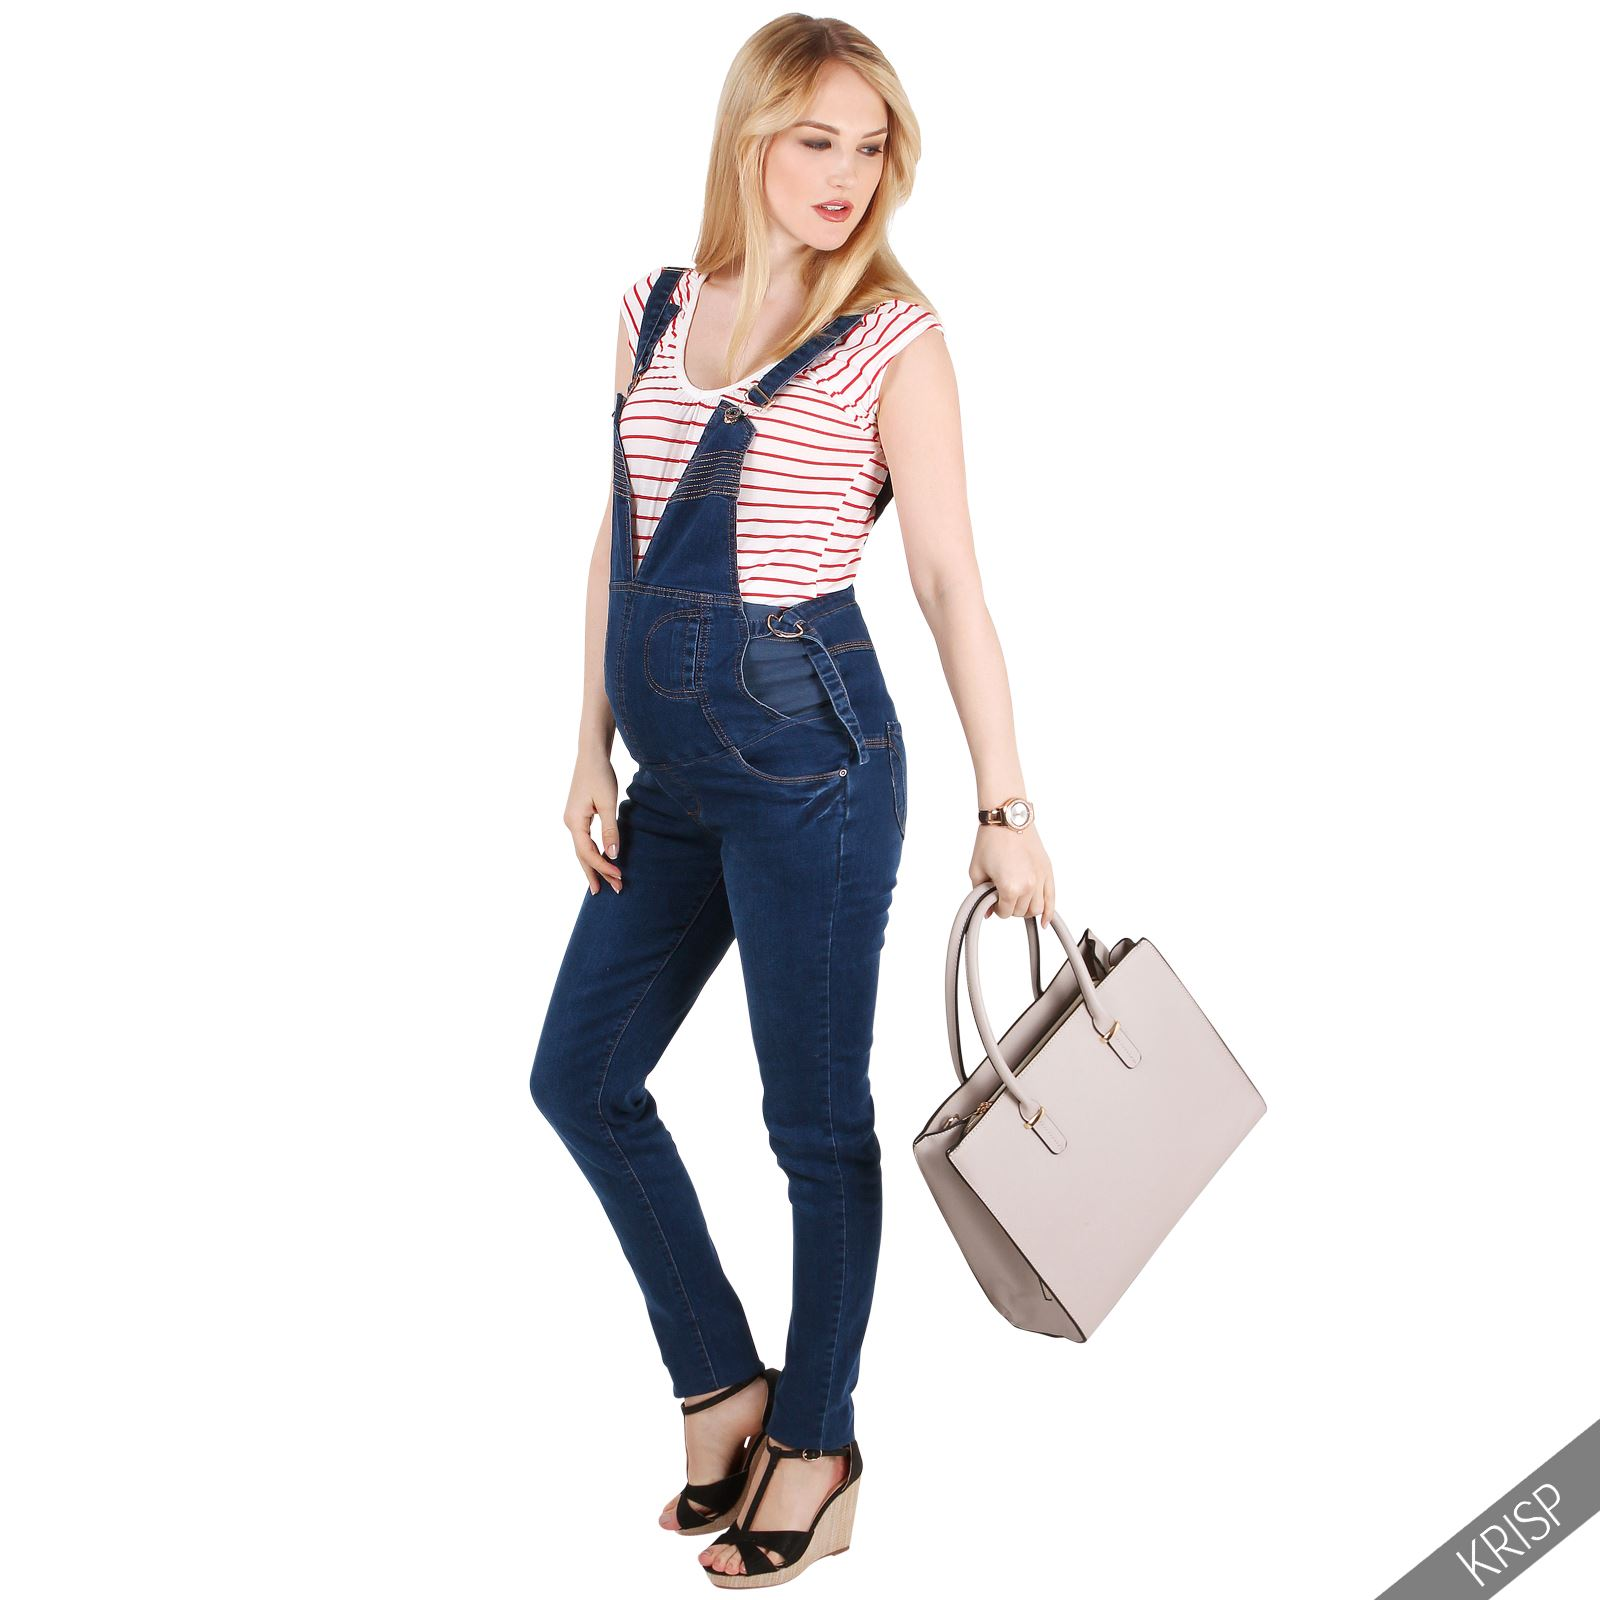 damen high waist umstandsjeans trendige latzhose jeans overall elegant ebay. Black Bedroom Furniture Sets. Home Design Ideas